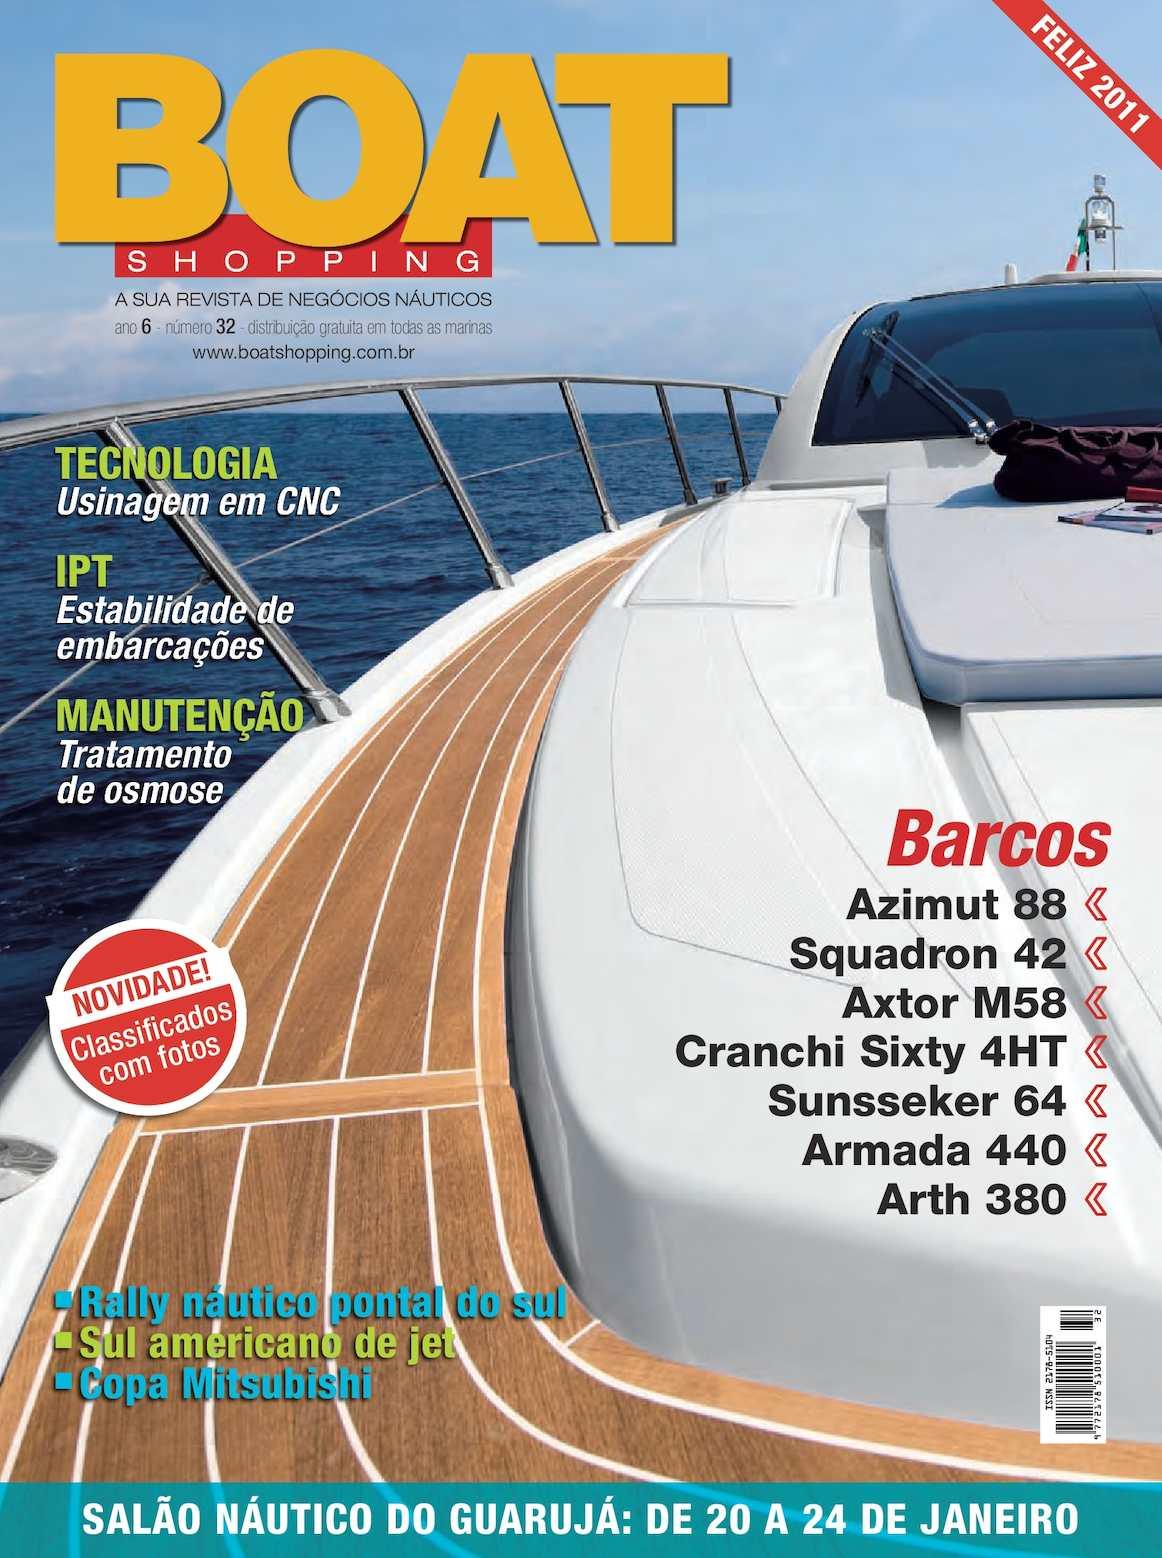 Calaméo - Boat Shopping  32 25729a6837